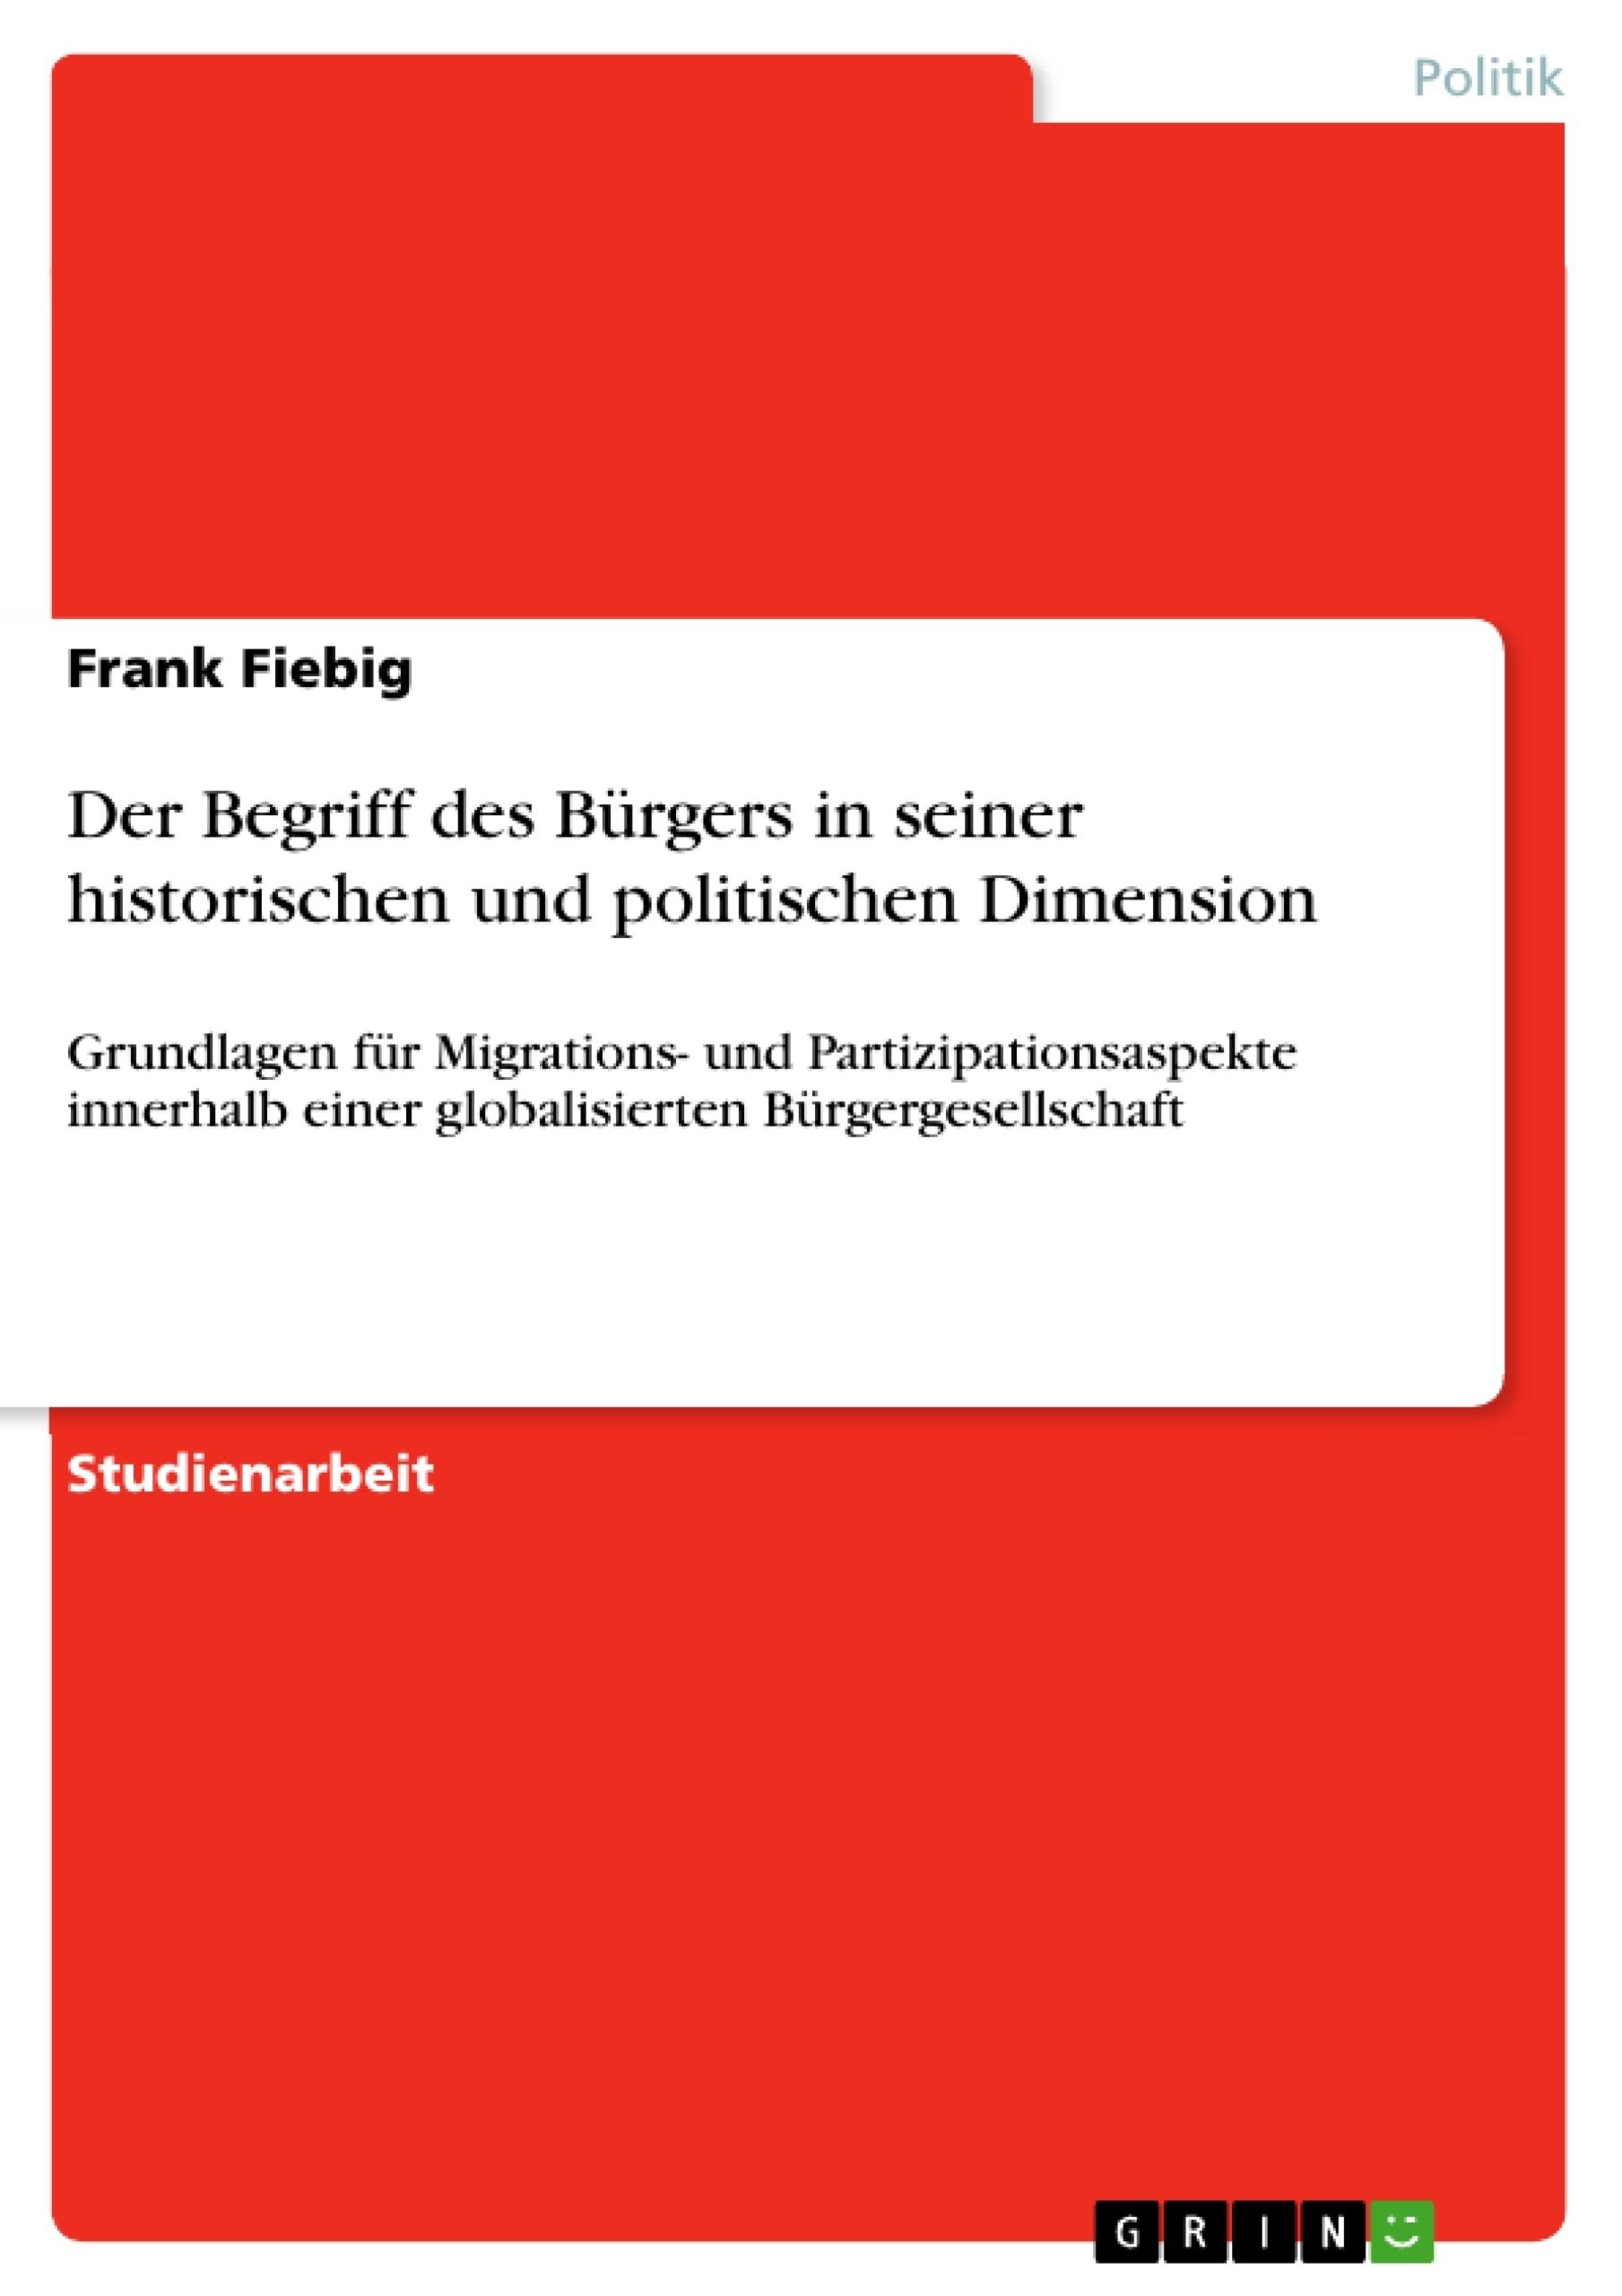 Titel: Der Begriff des Bürgers in seiner historischen und politischen Dimension